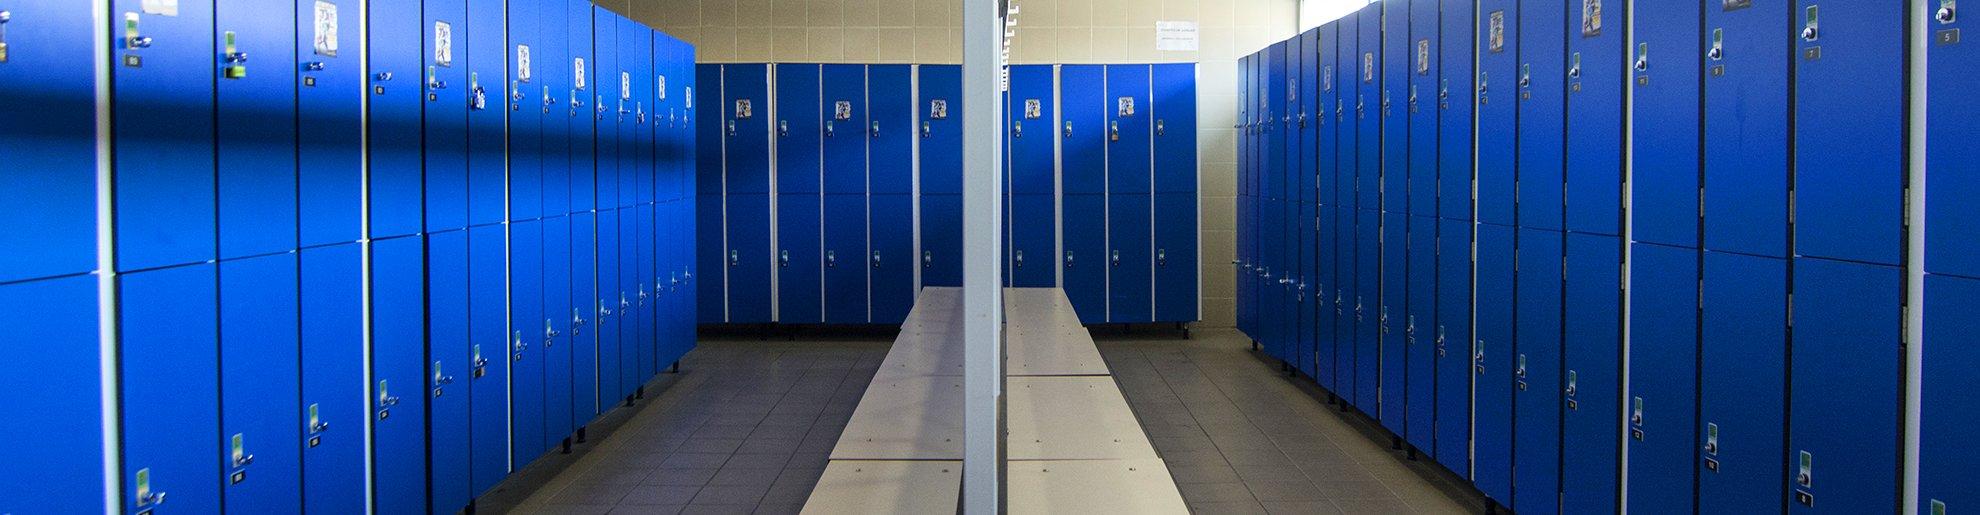 Instalaciones gimnasio accura tordera cem tordera ccura - Accura viladecans ...